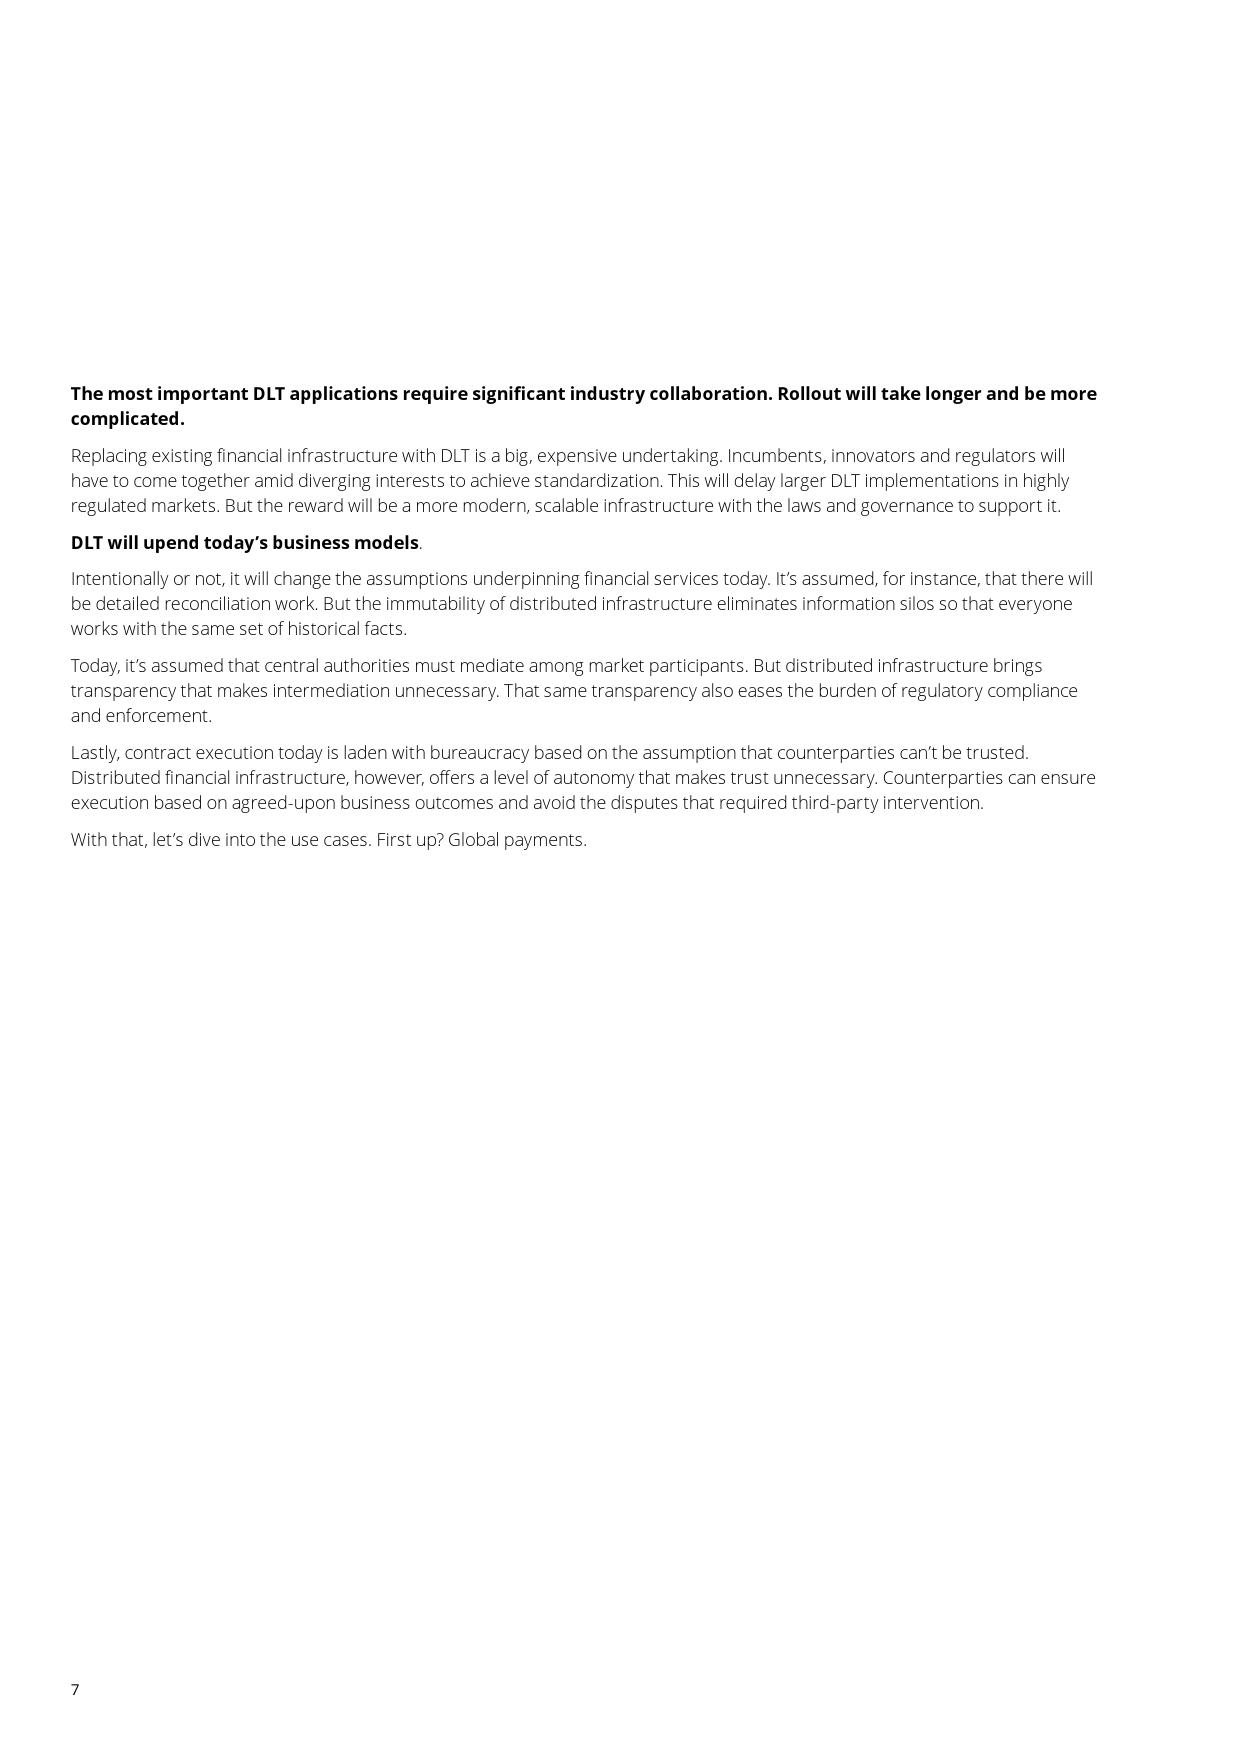 gx-fsi-blockchain-deloitte-summary_000007